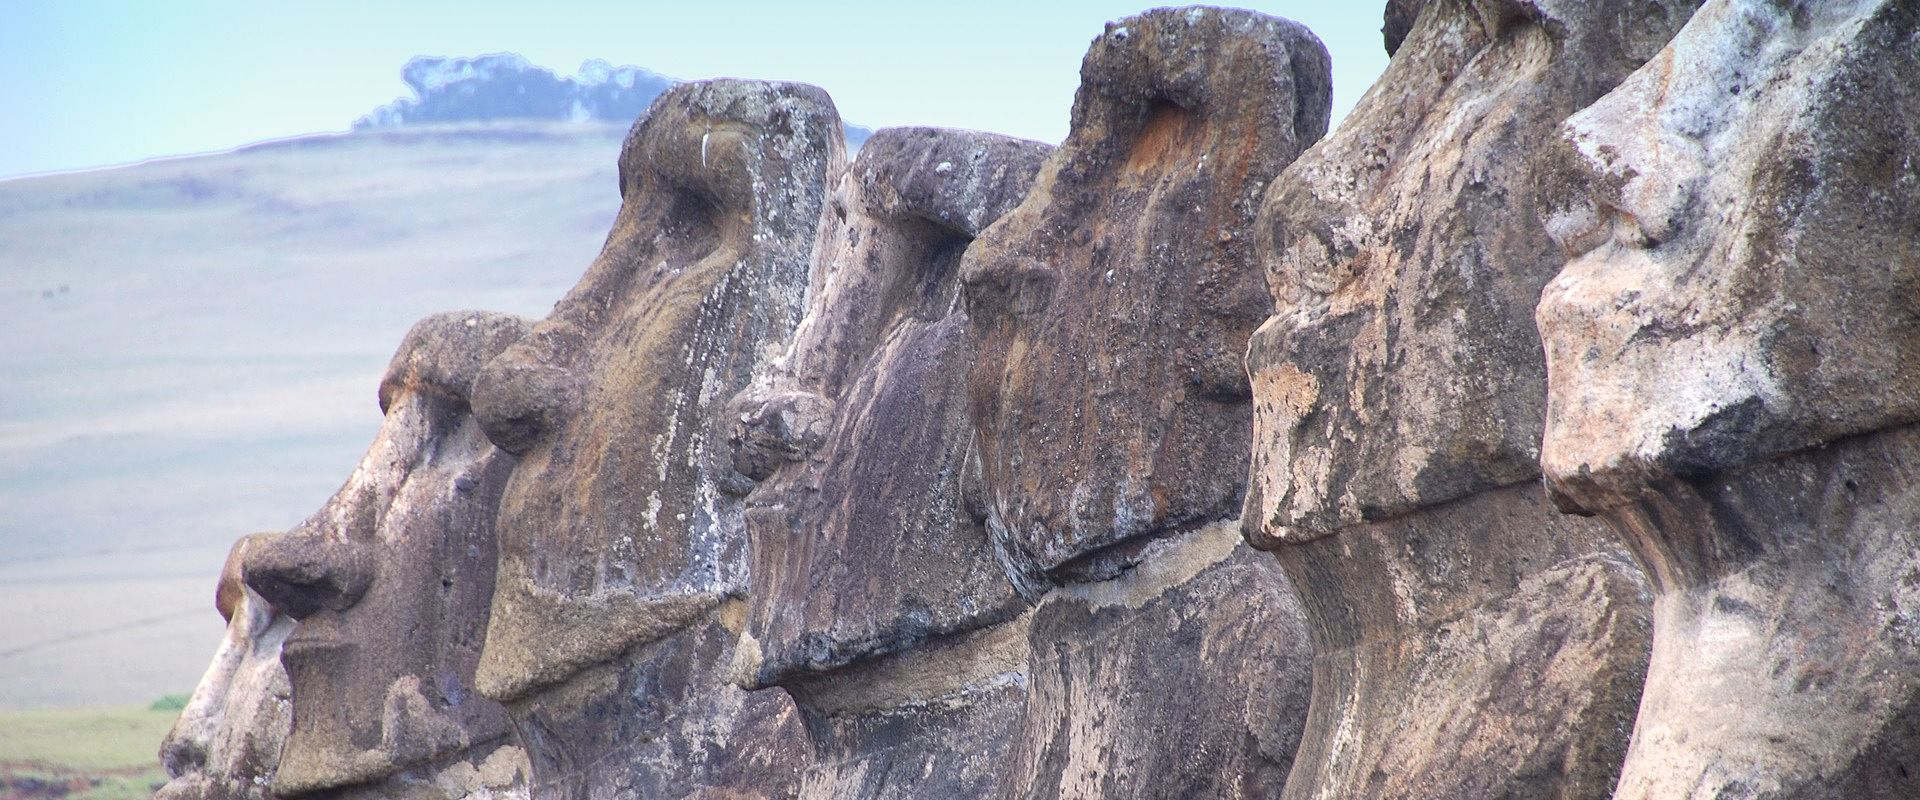 Moaïs île de Pâques